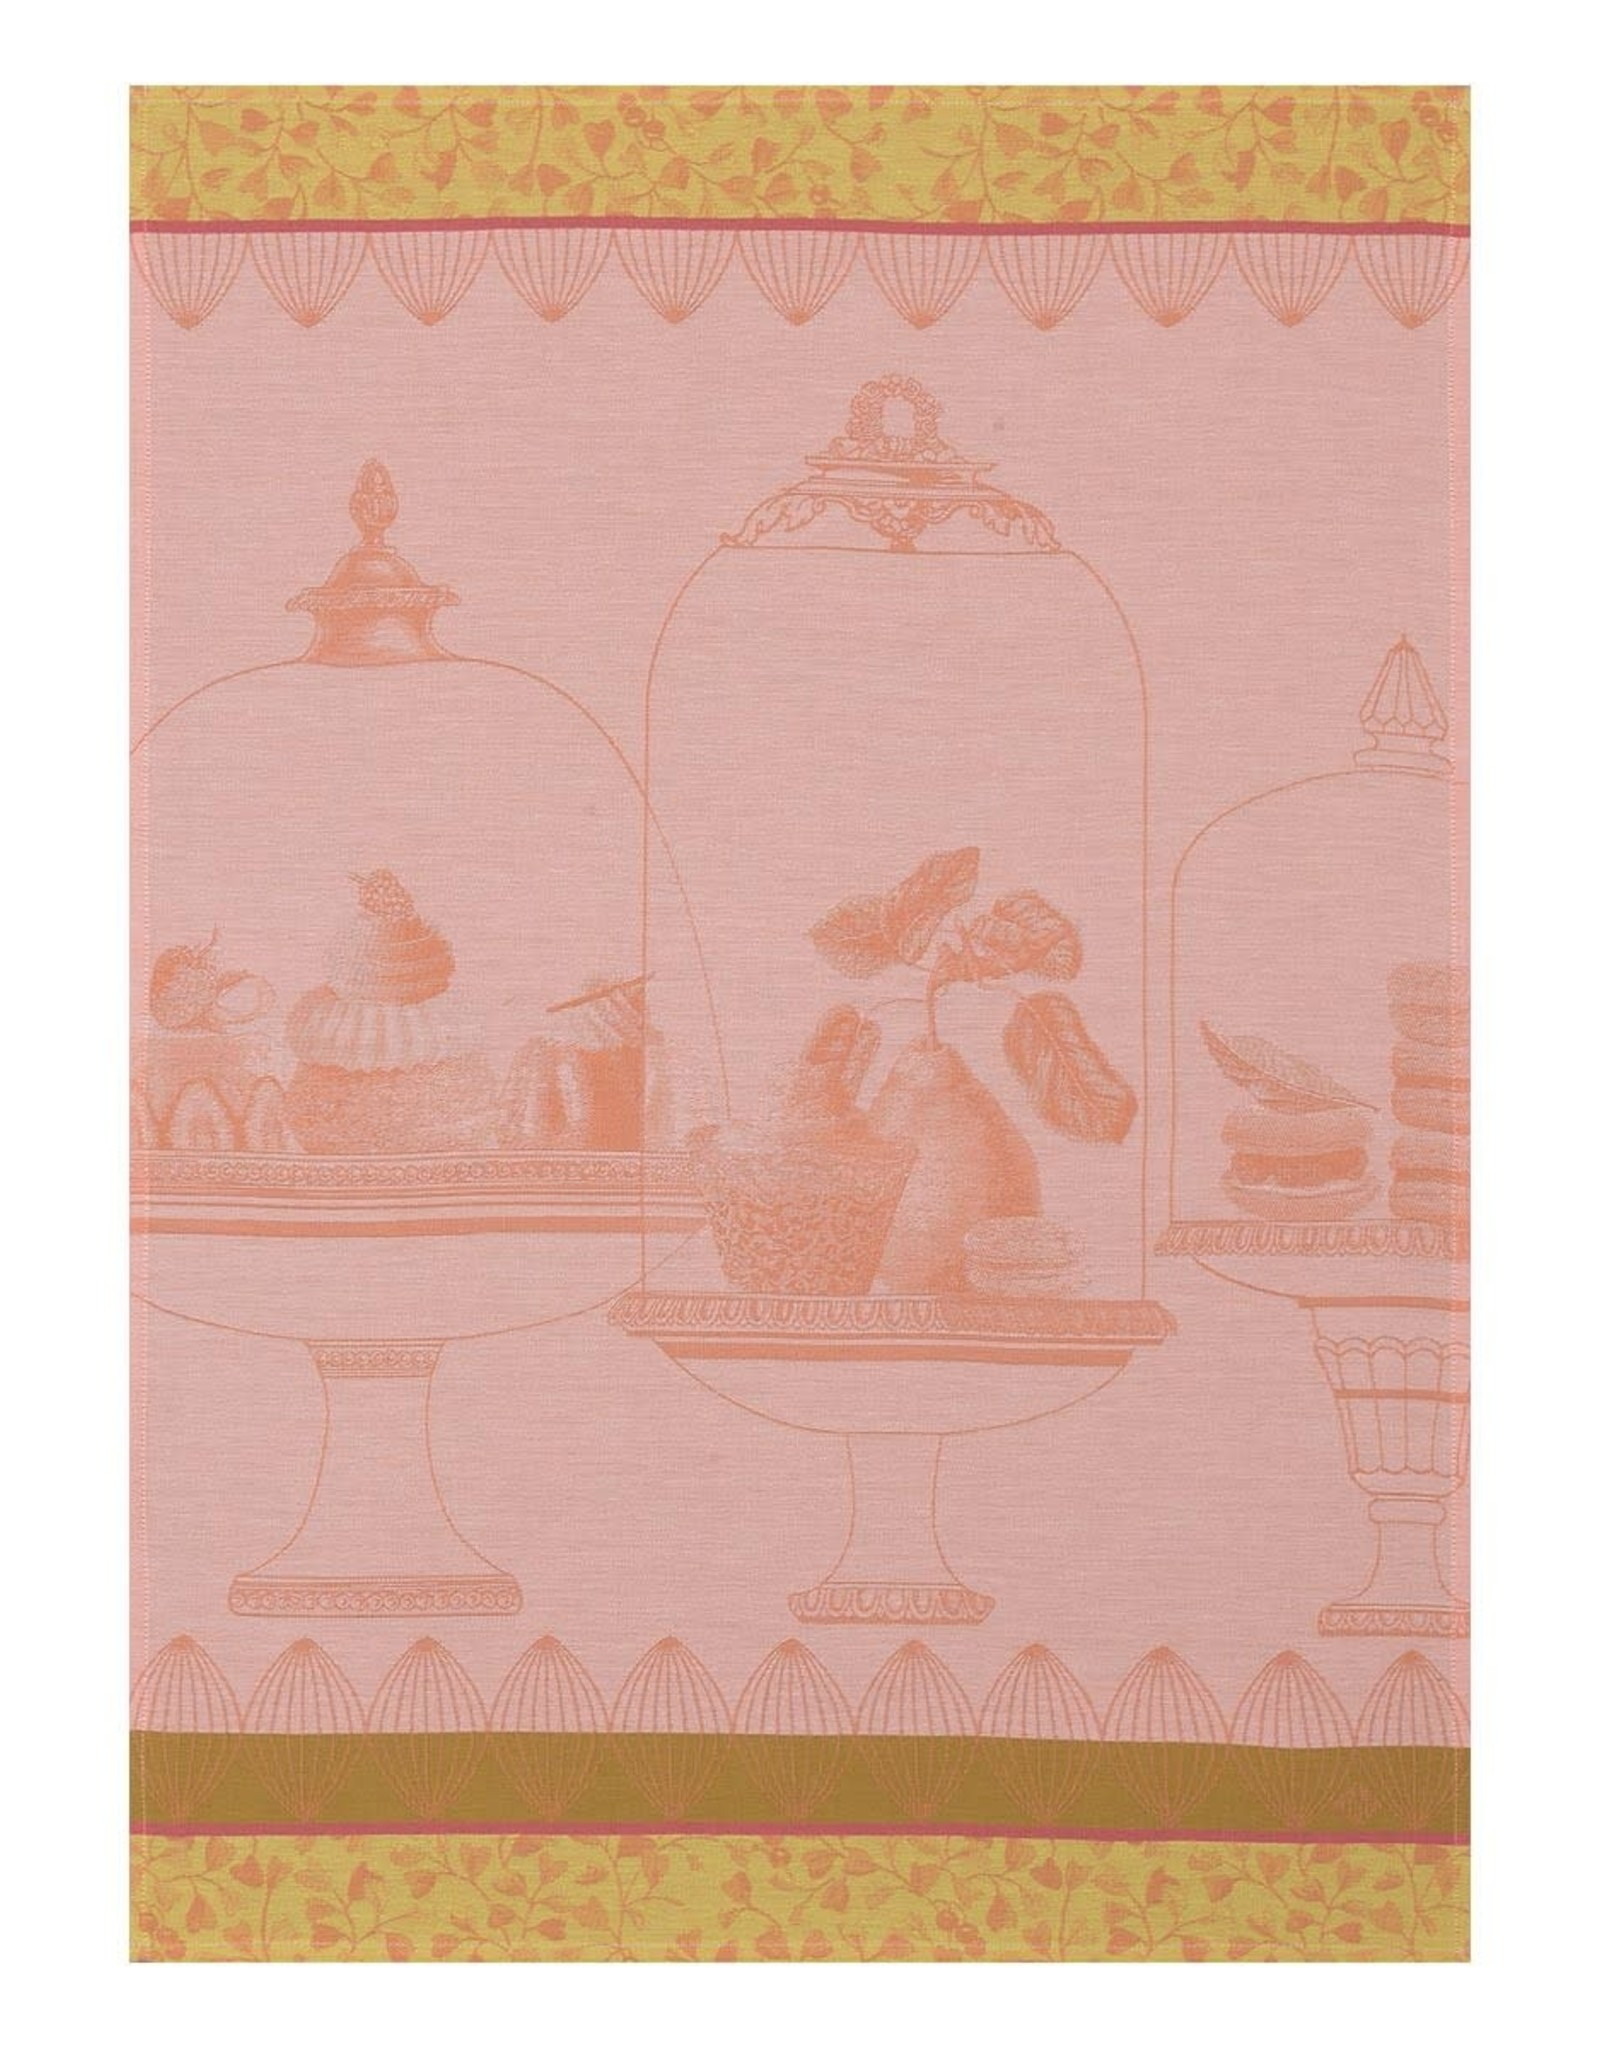 Le Jacquard Francais Plaisirs Gourmands Peche Tea Towel